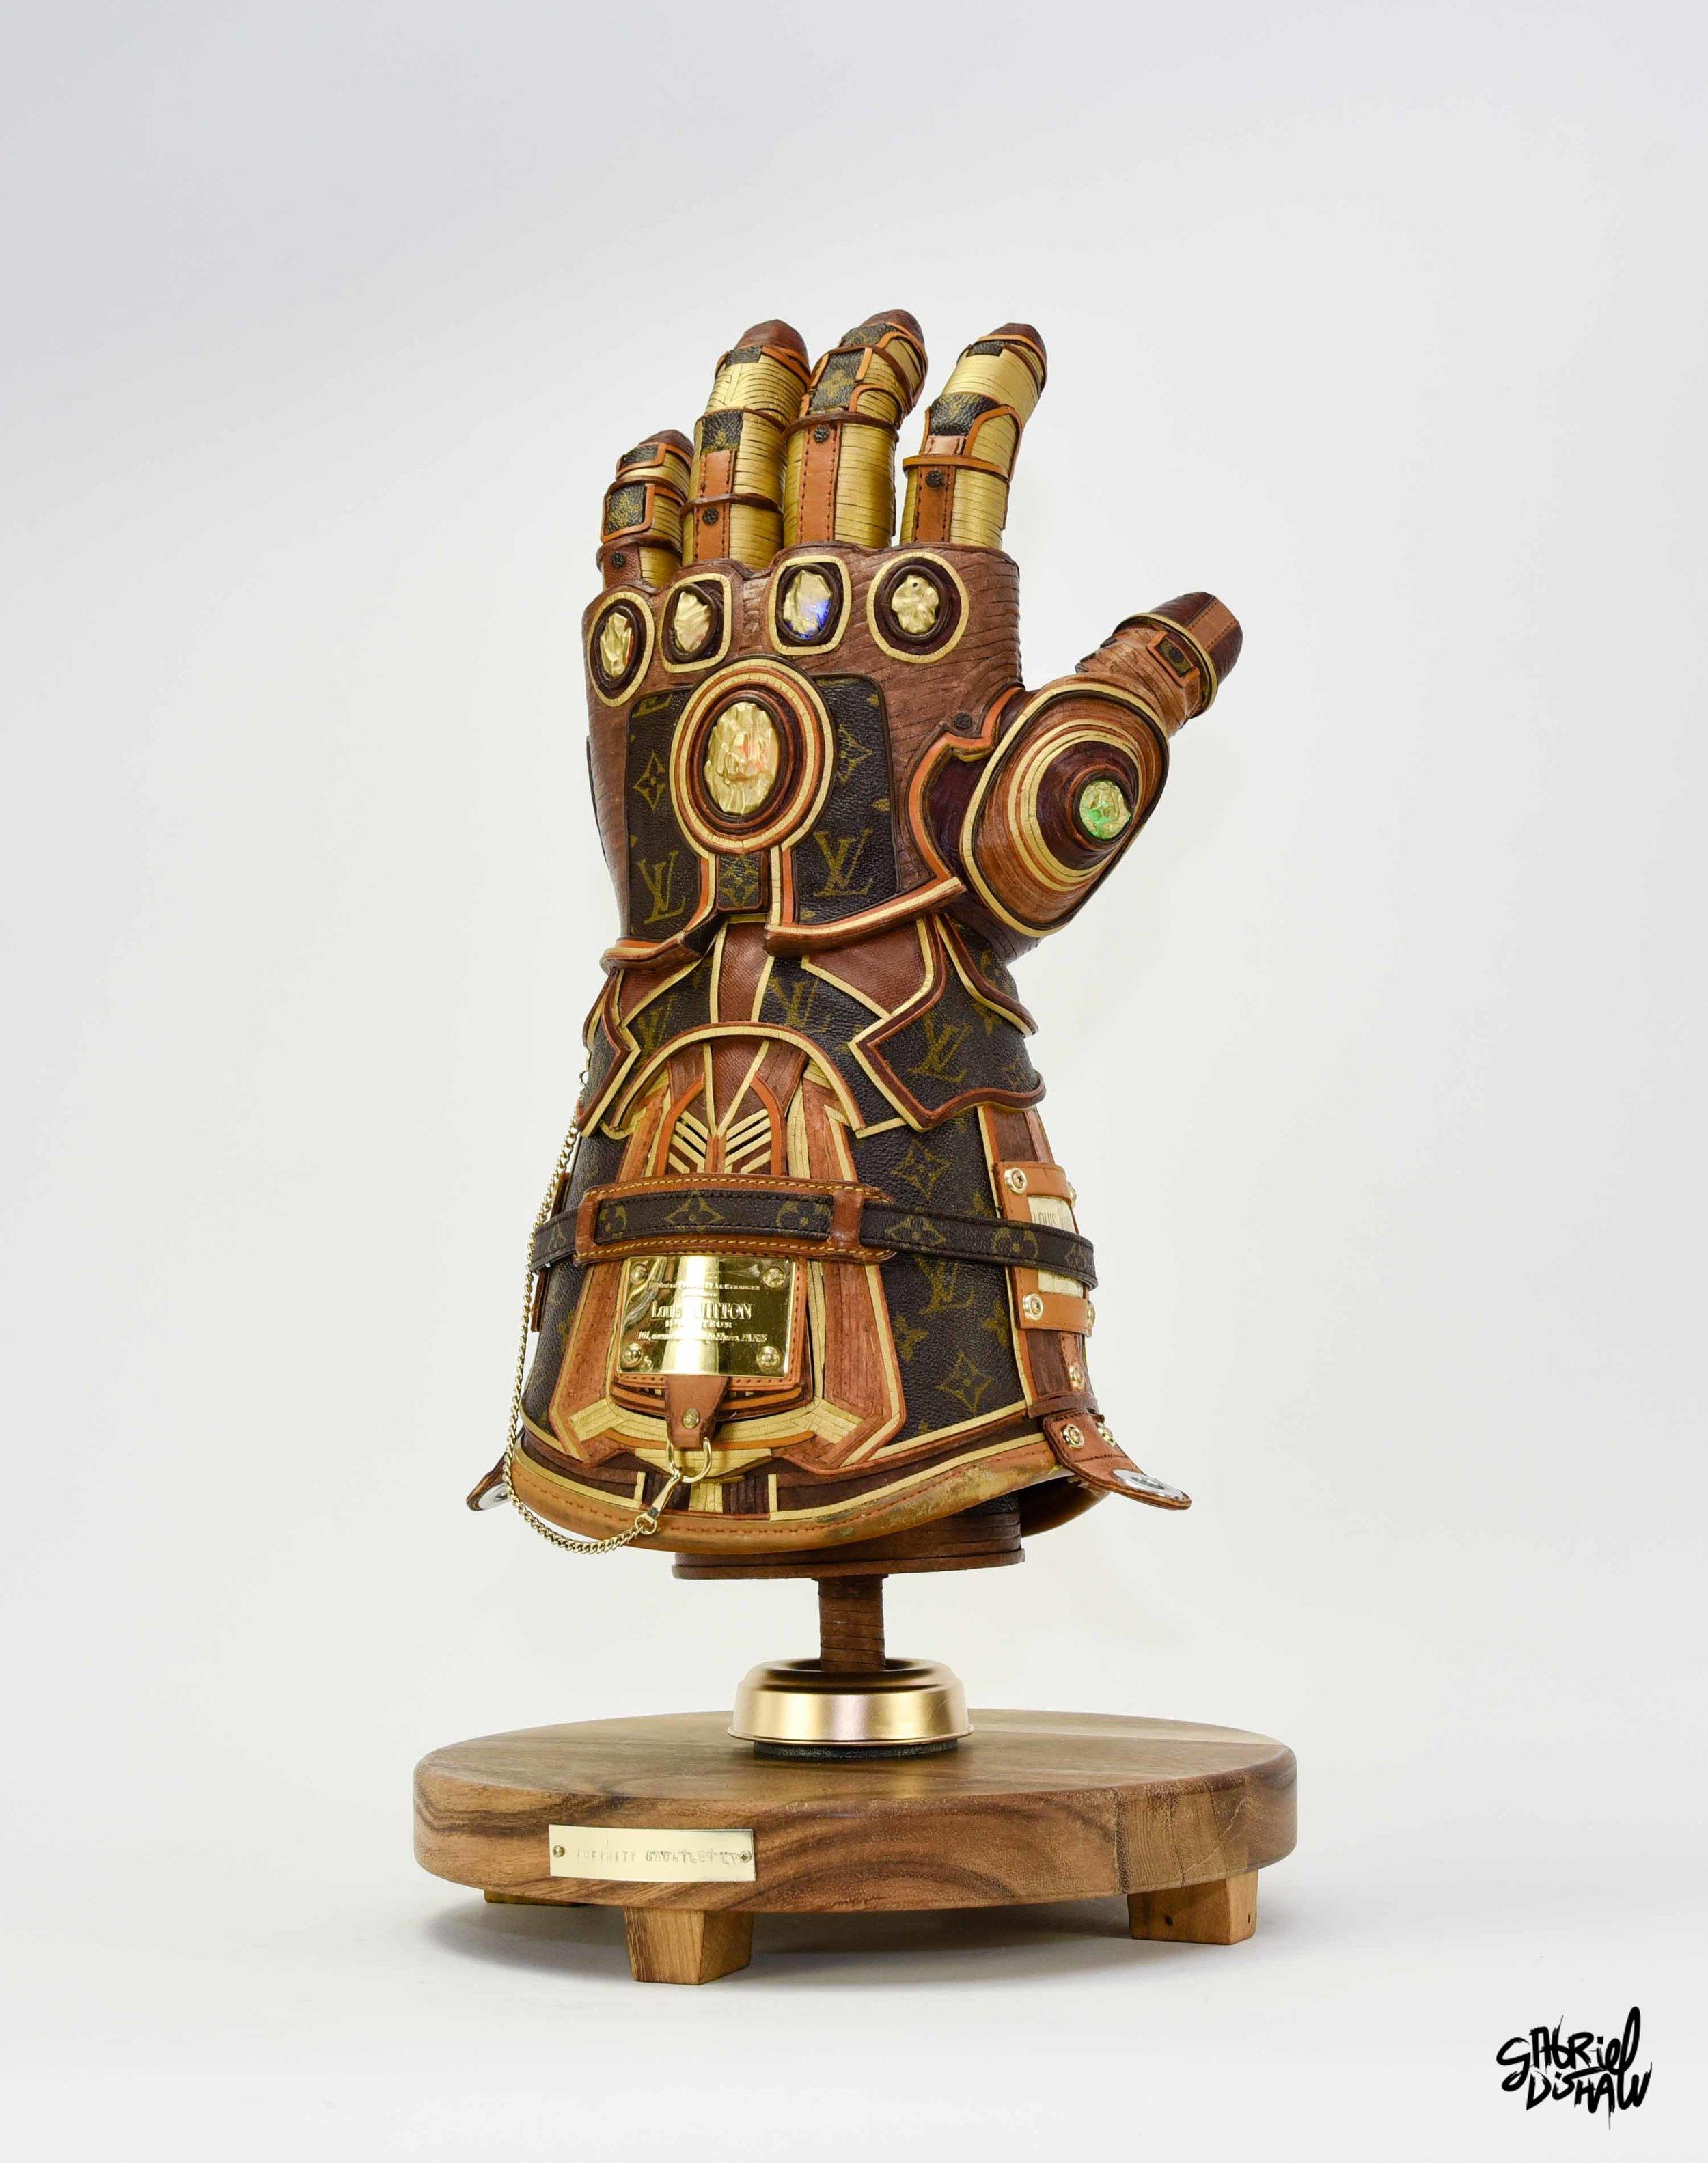 Gabriel Dishaw Infinity Gauntlet LV-9123.jpg